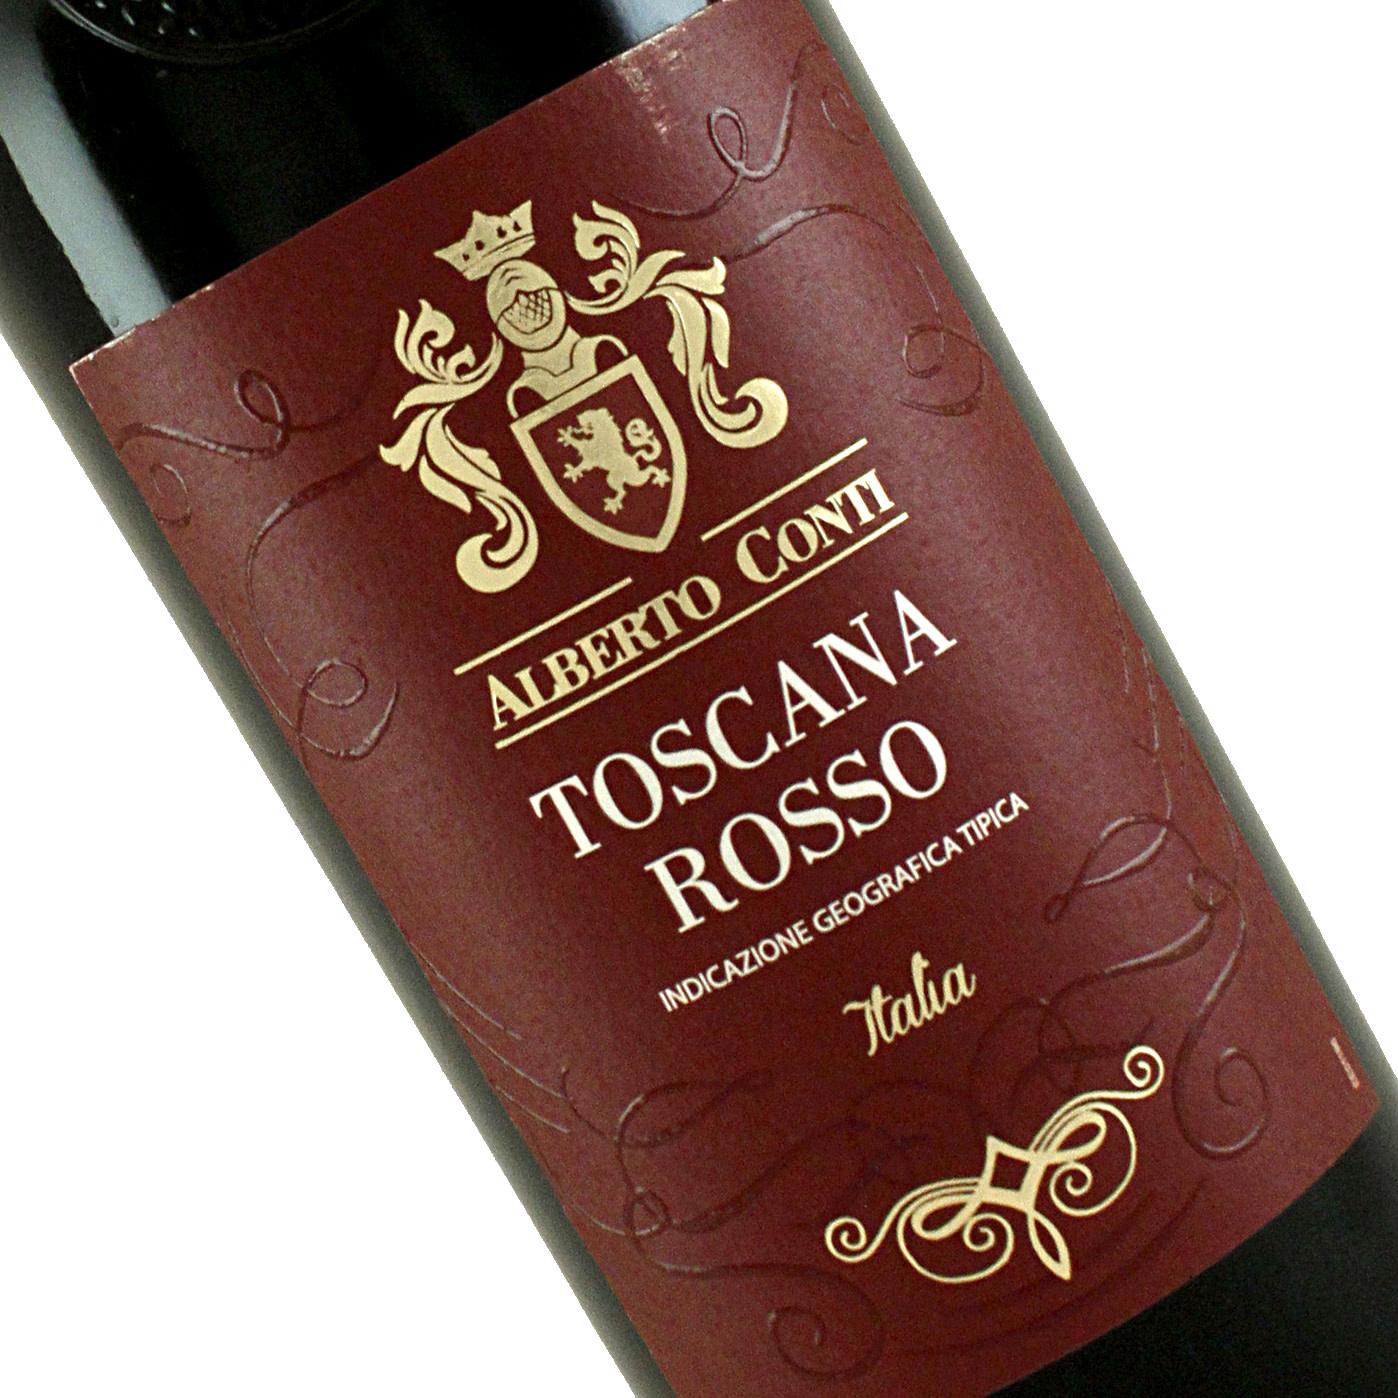 Alberto Conti 2017 Toscana Rosso, Italy